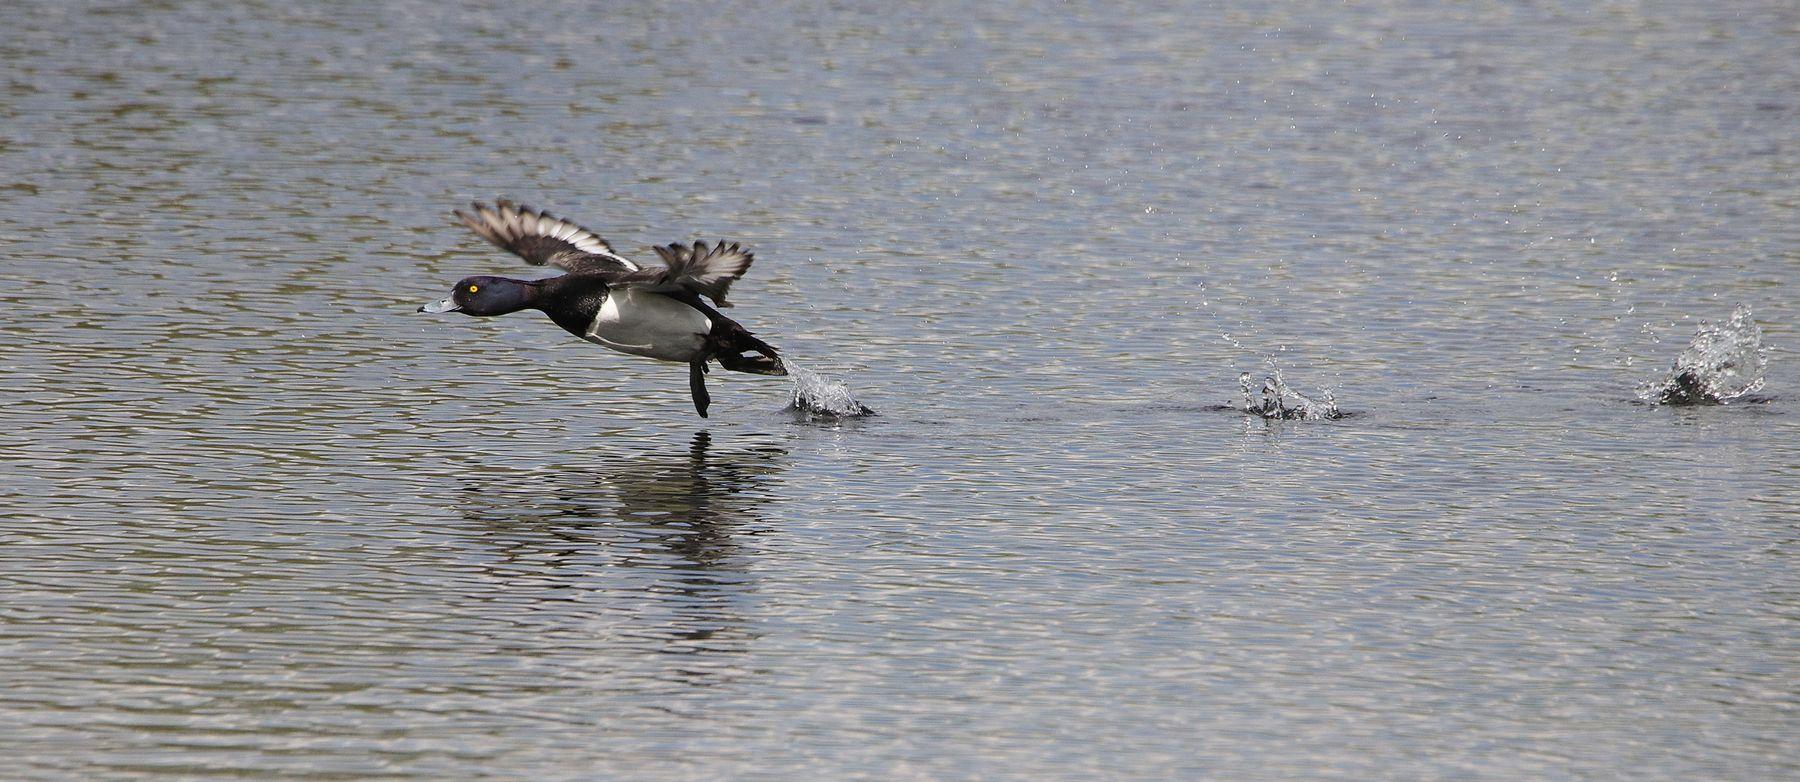 чернеть на взлете птицы водоплавающие хохлатая чернеть